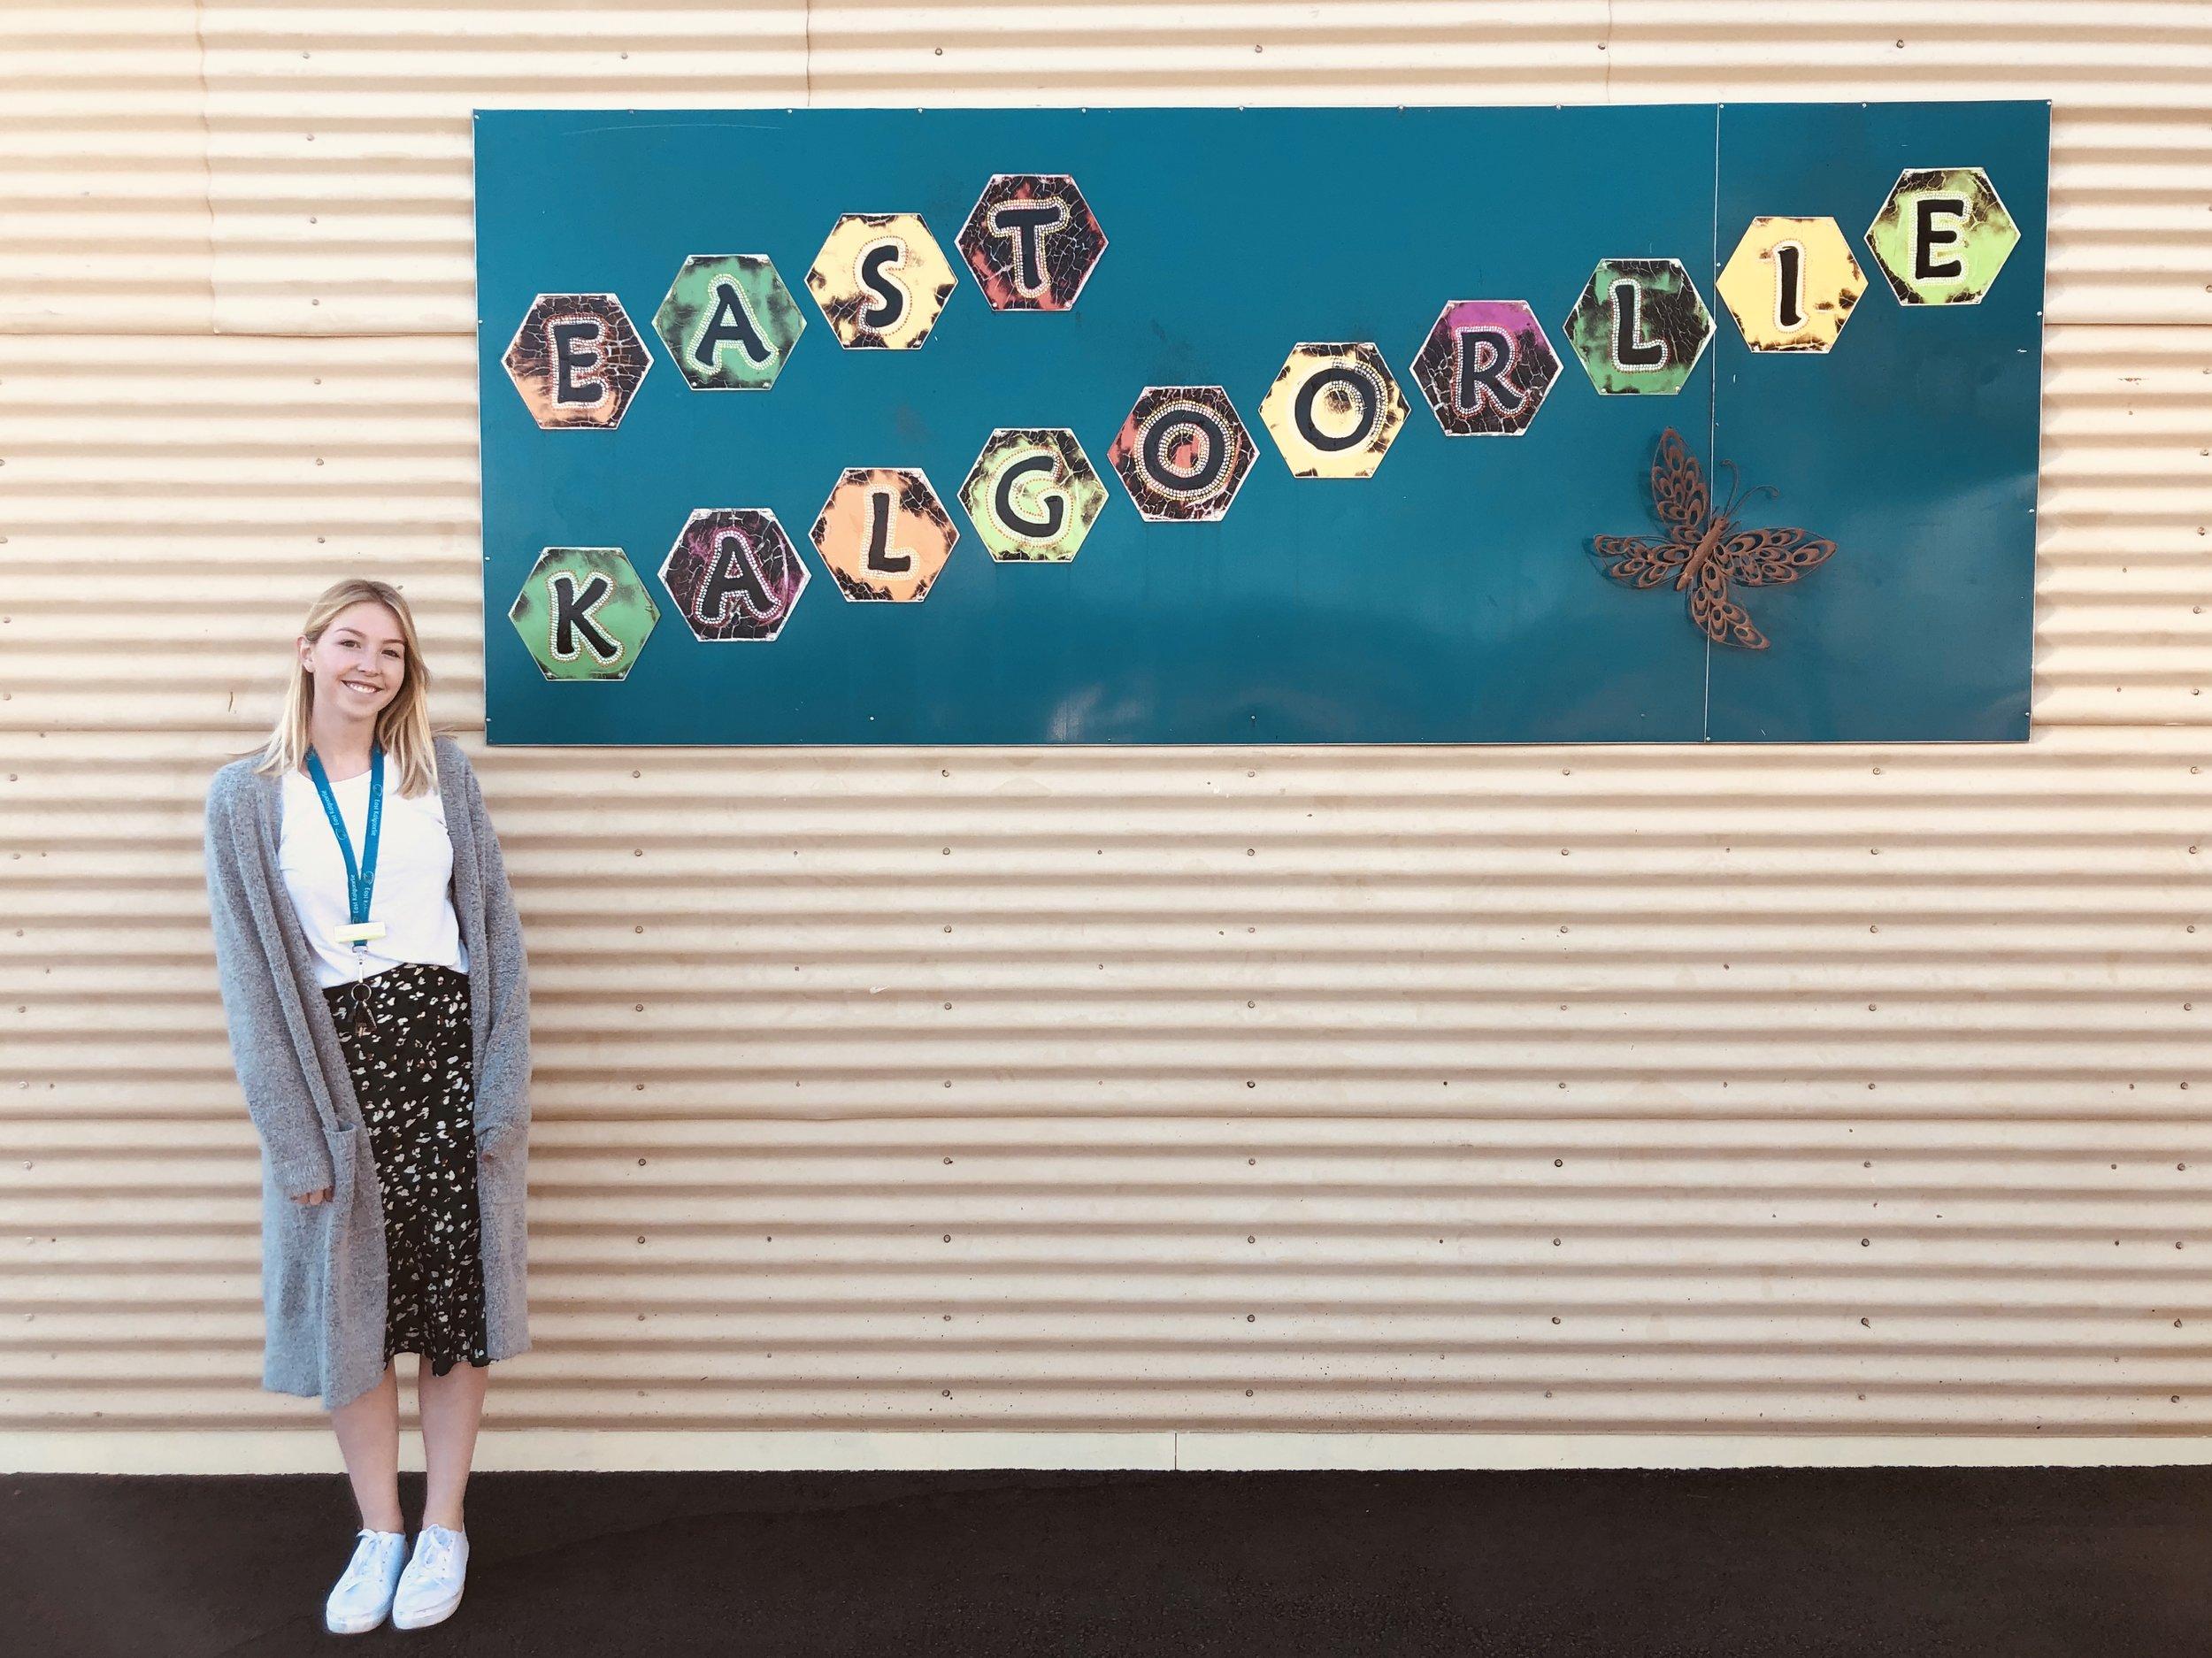 Sophie Mills pictured at East Kalgoorlie Primary School earlier this year.